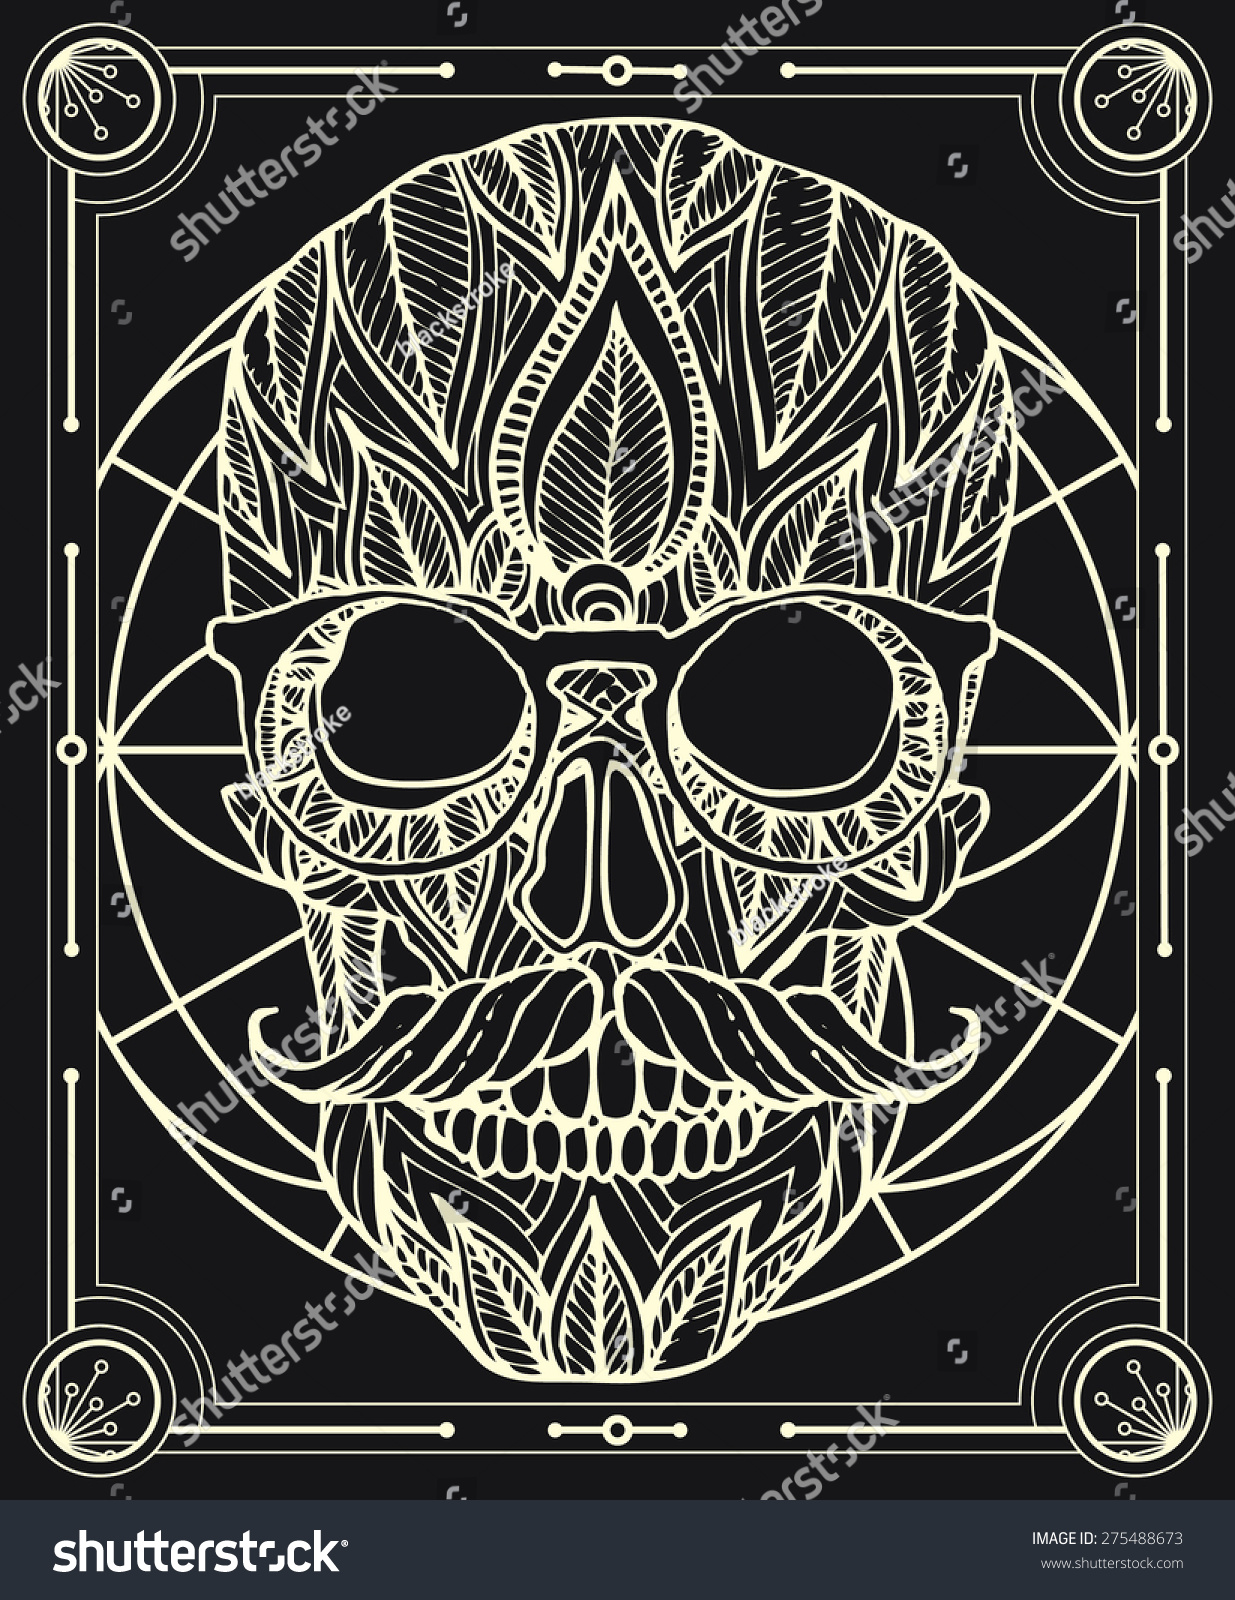 Zentangle Style Hipster Skull Vector Frame Stock Vector 275488673 ...